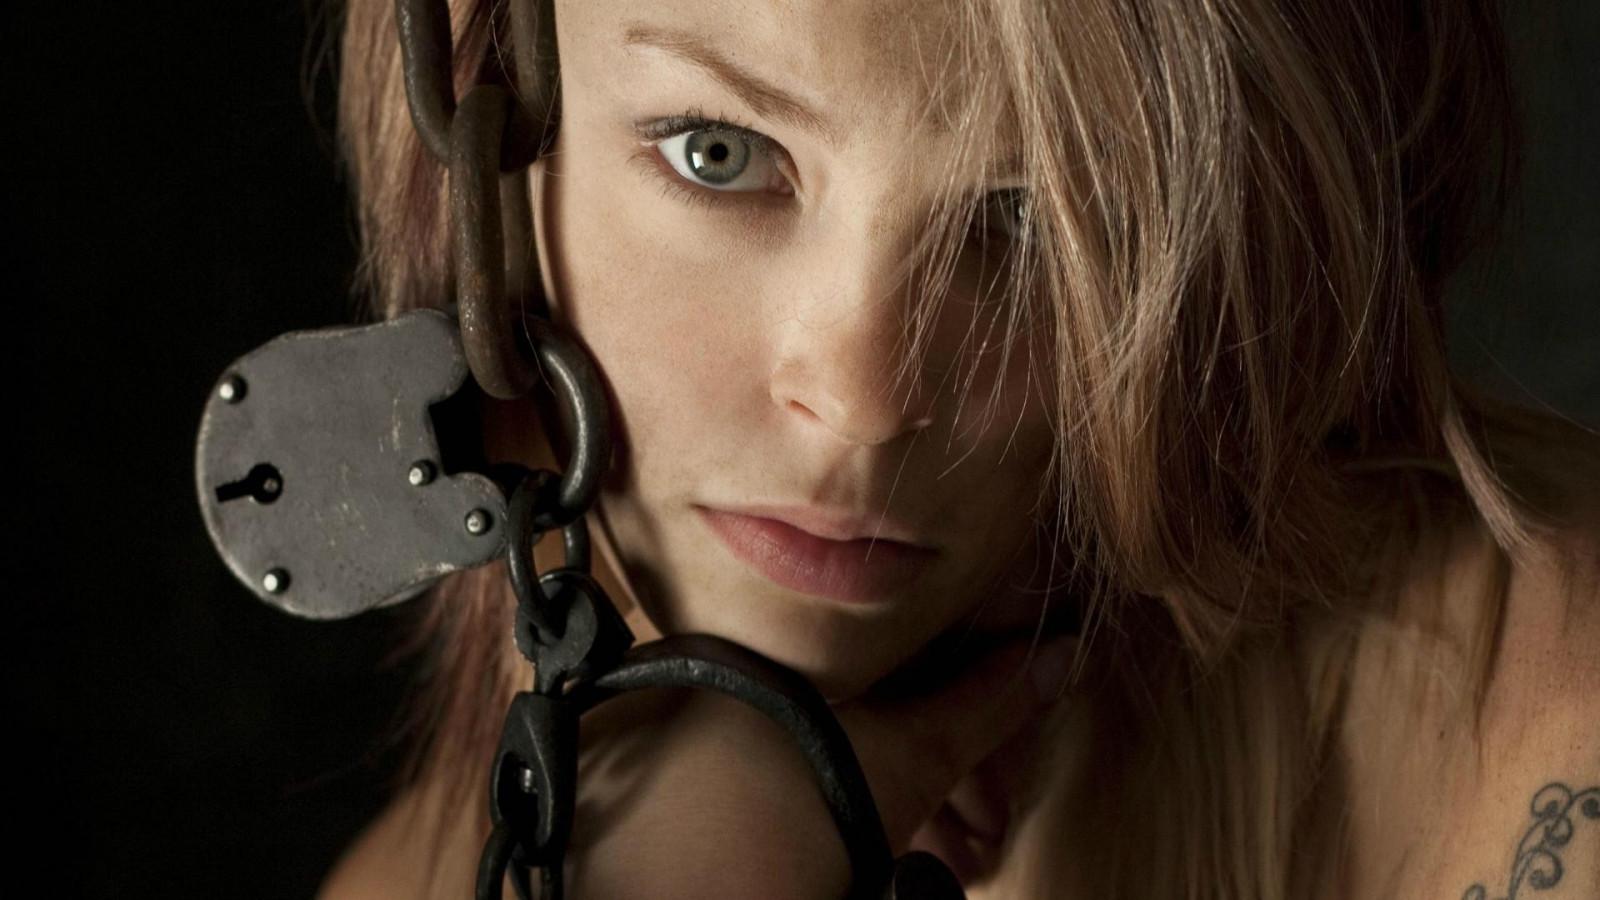 закованные в наручники девушки еще как